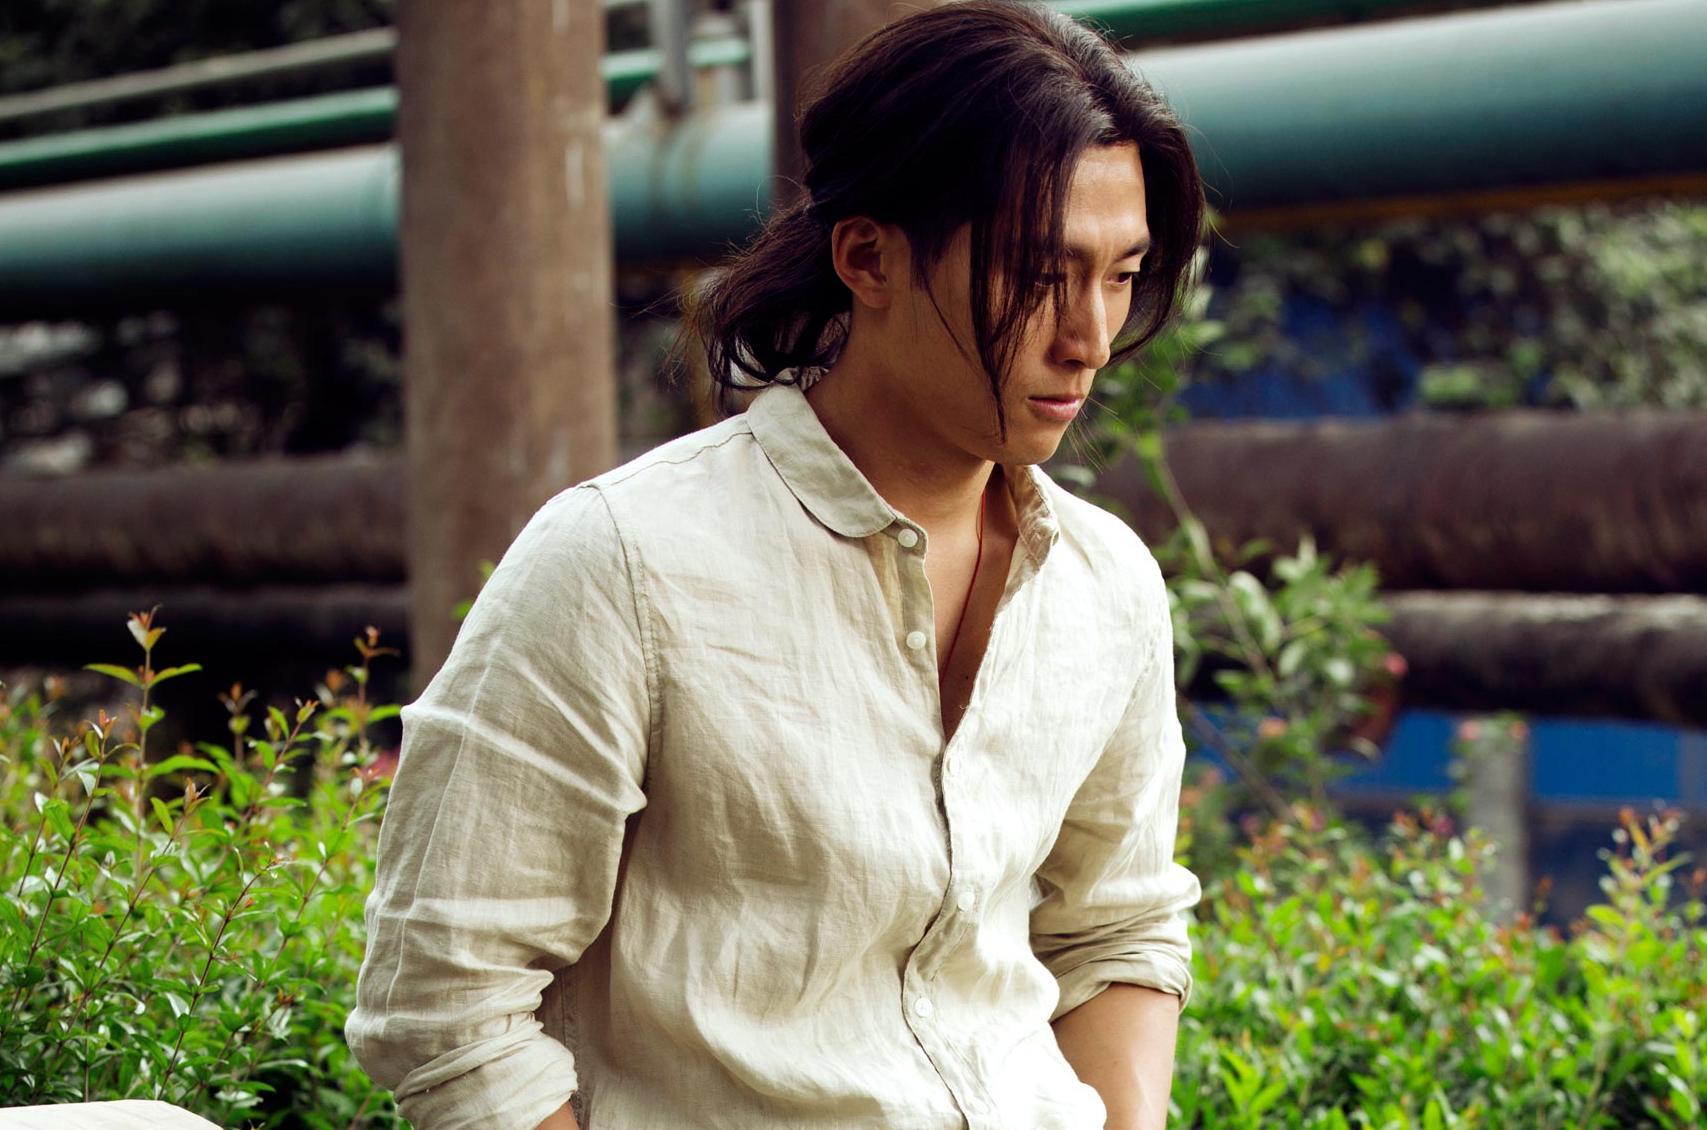 《六人晚餐》6月16日上映 窦骁长发造型首曝光